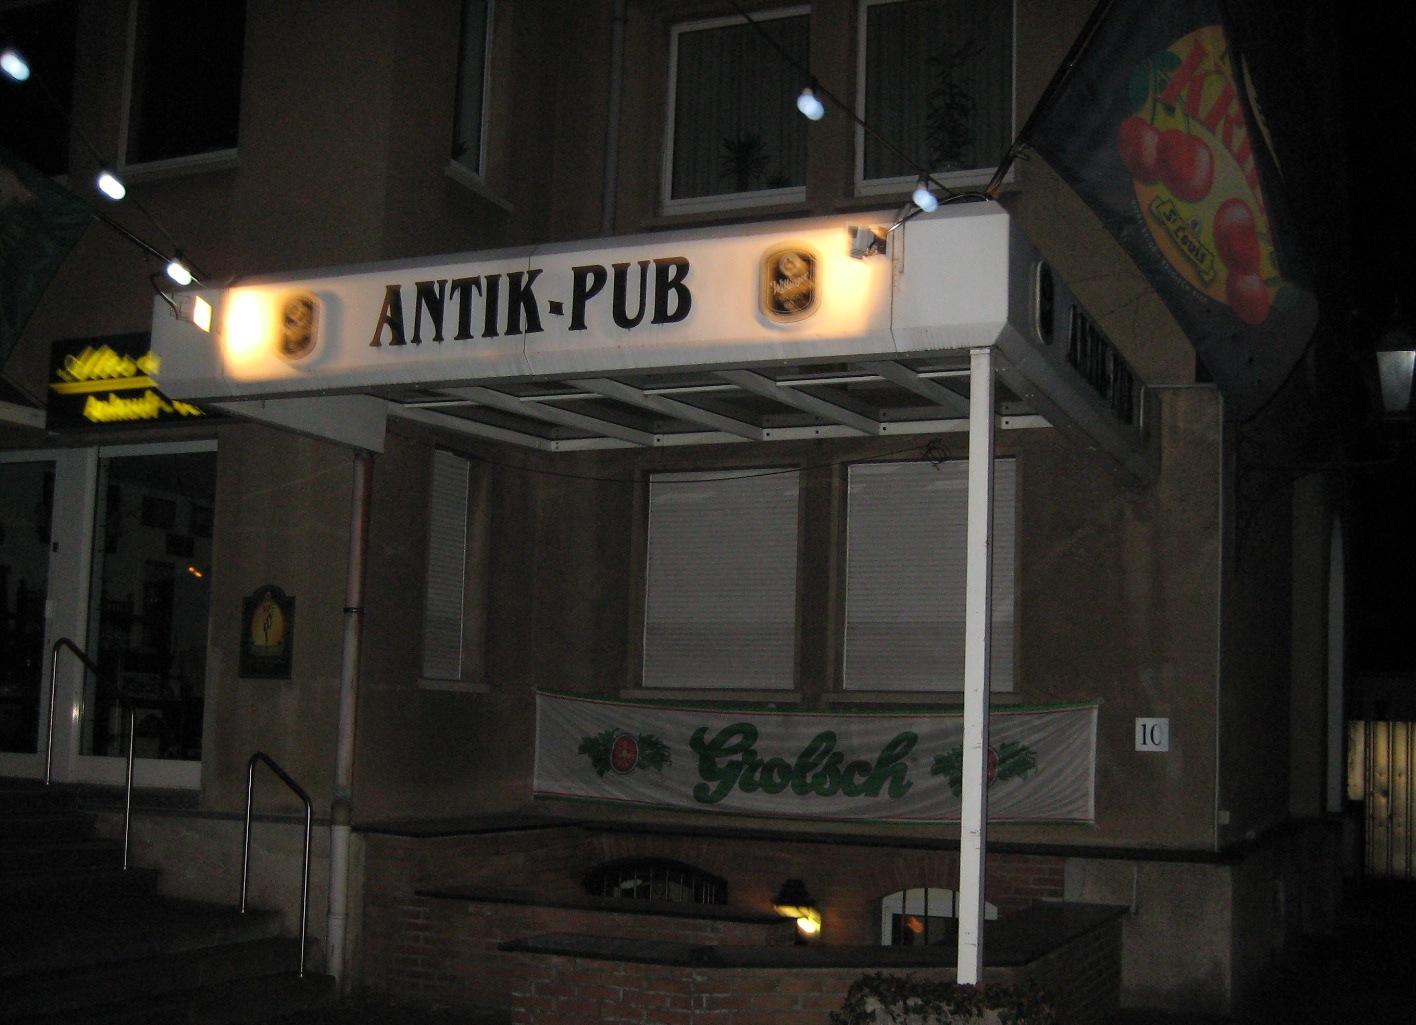 Antik-Pub